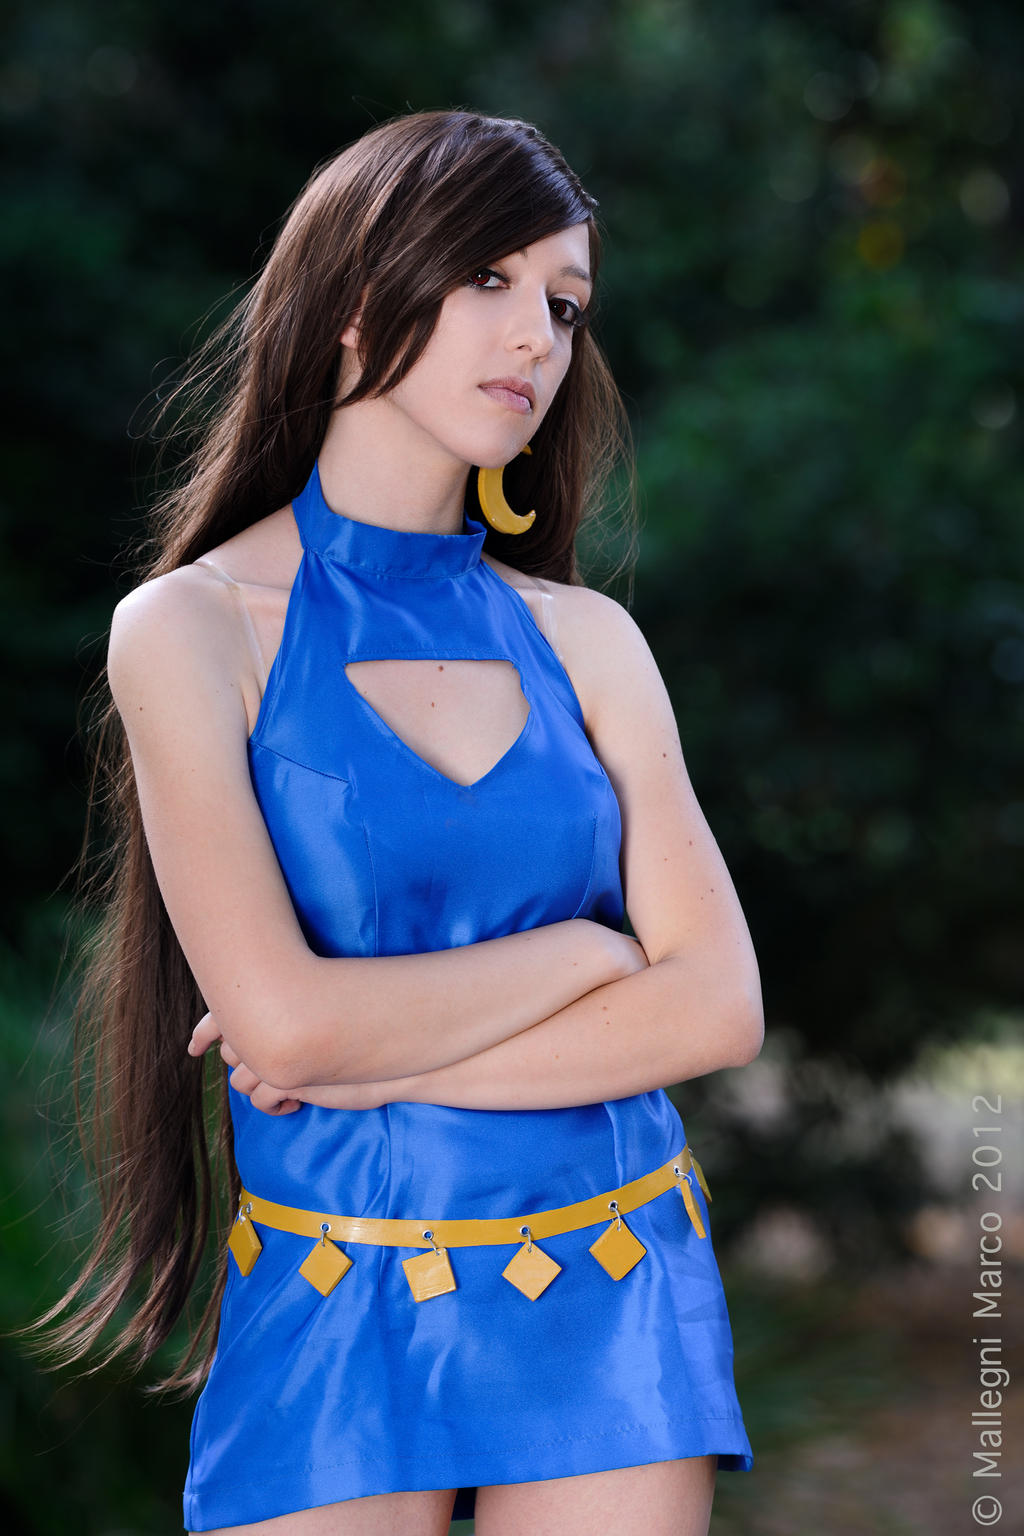 Final Fantasy VII: Wall Market Tifa cosplay by Adurnah